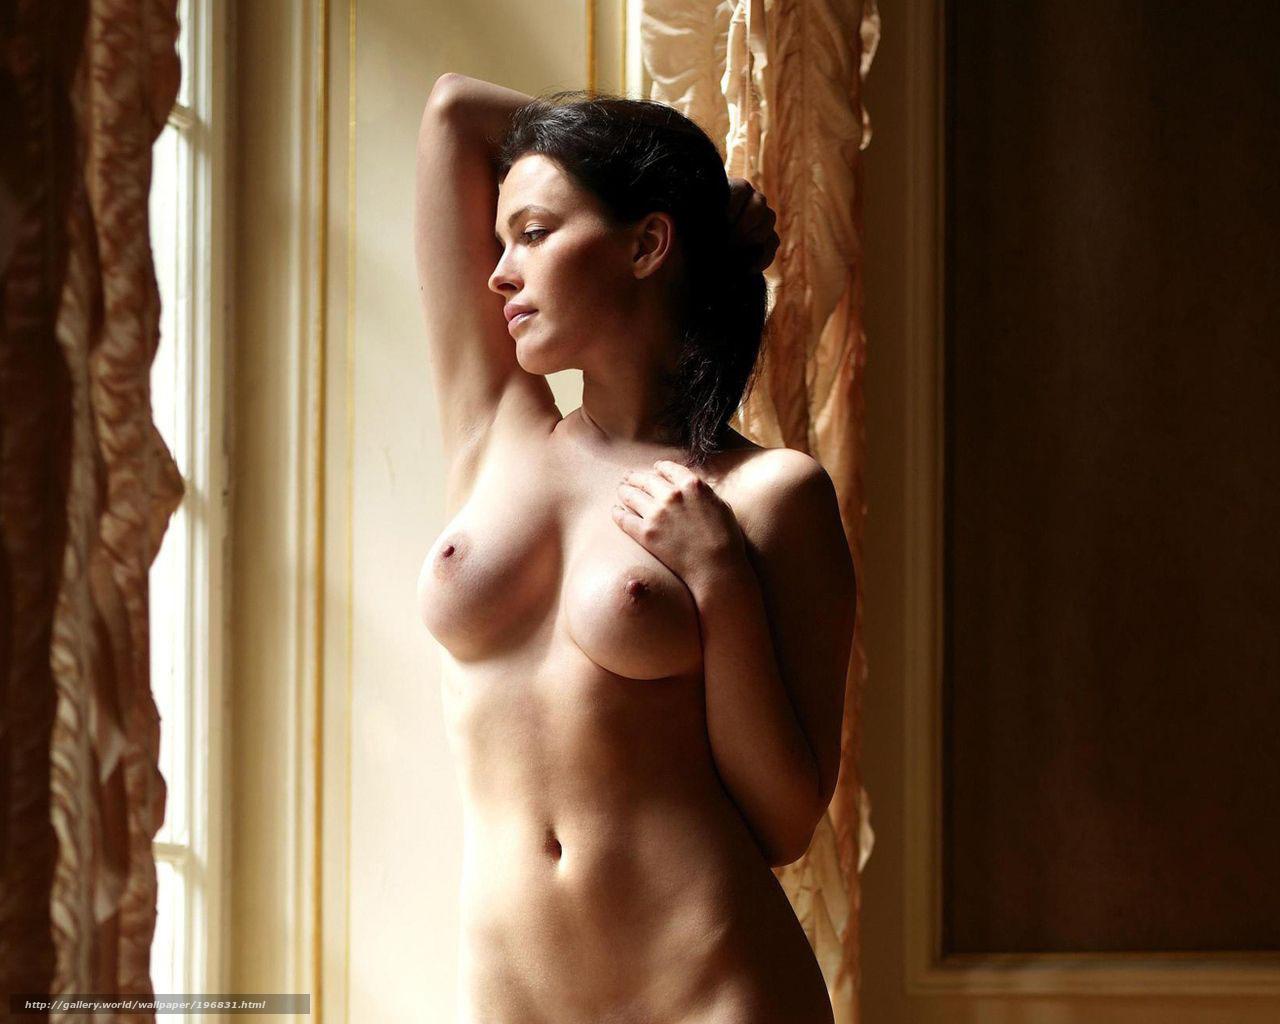 голая девушка у окна-кя2